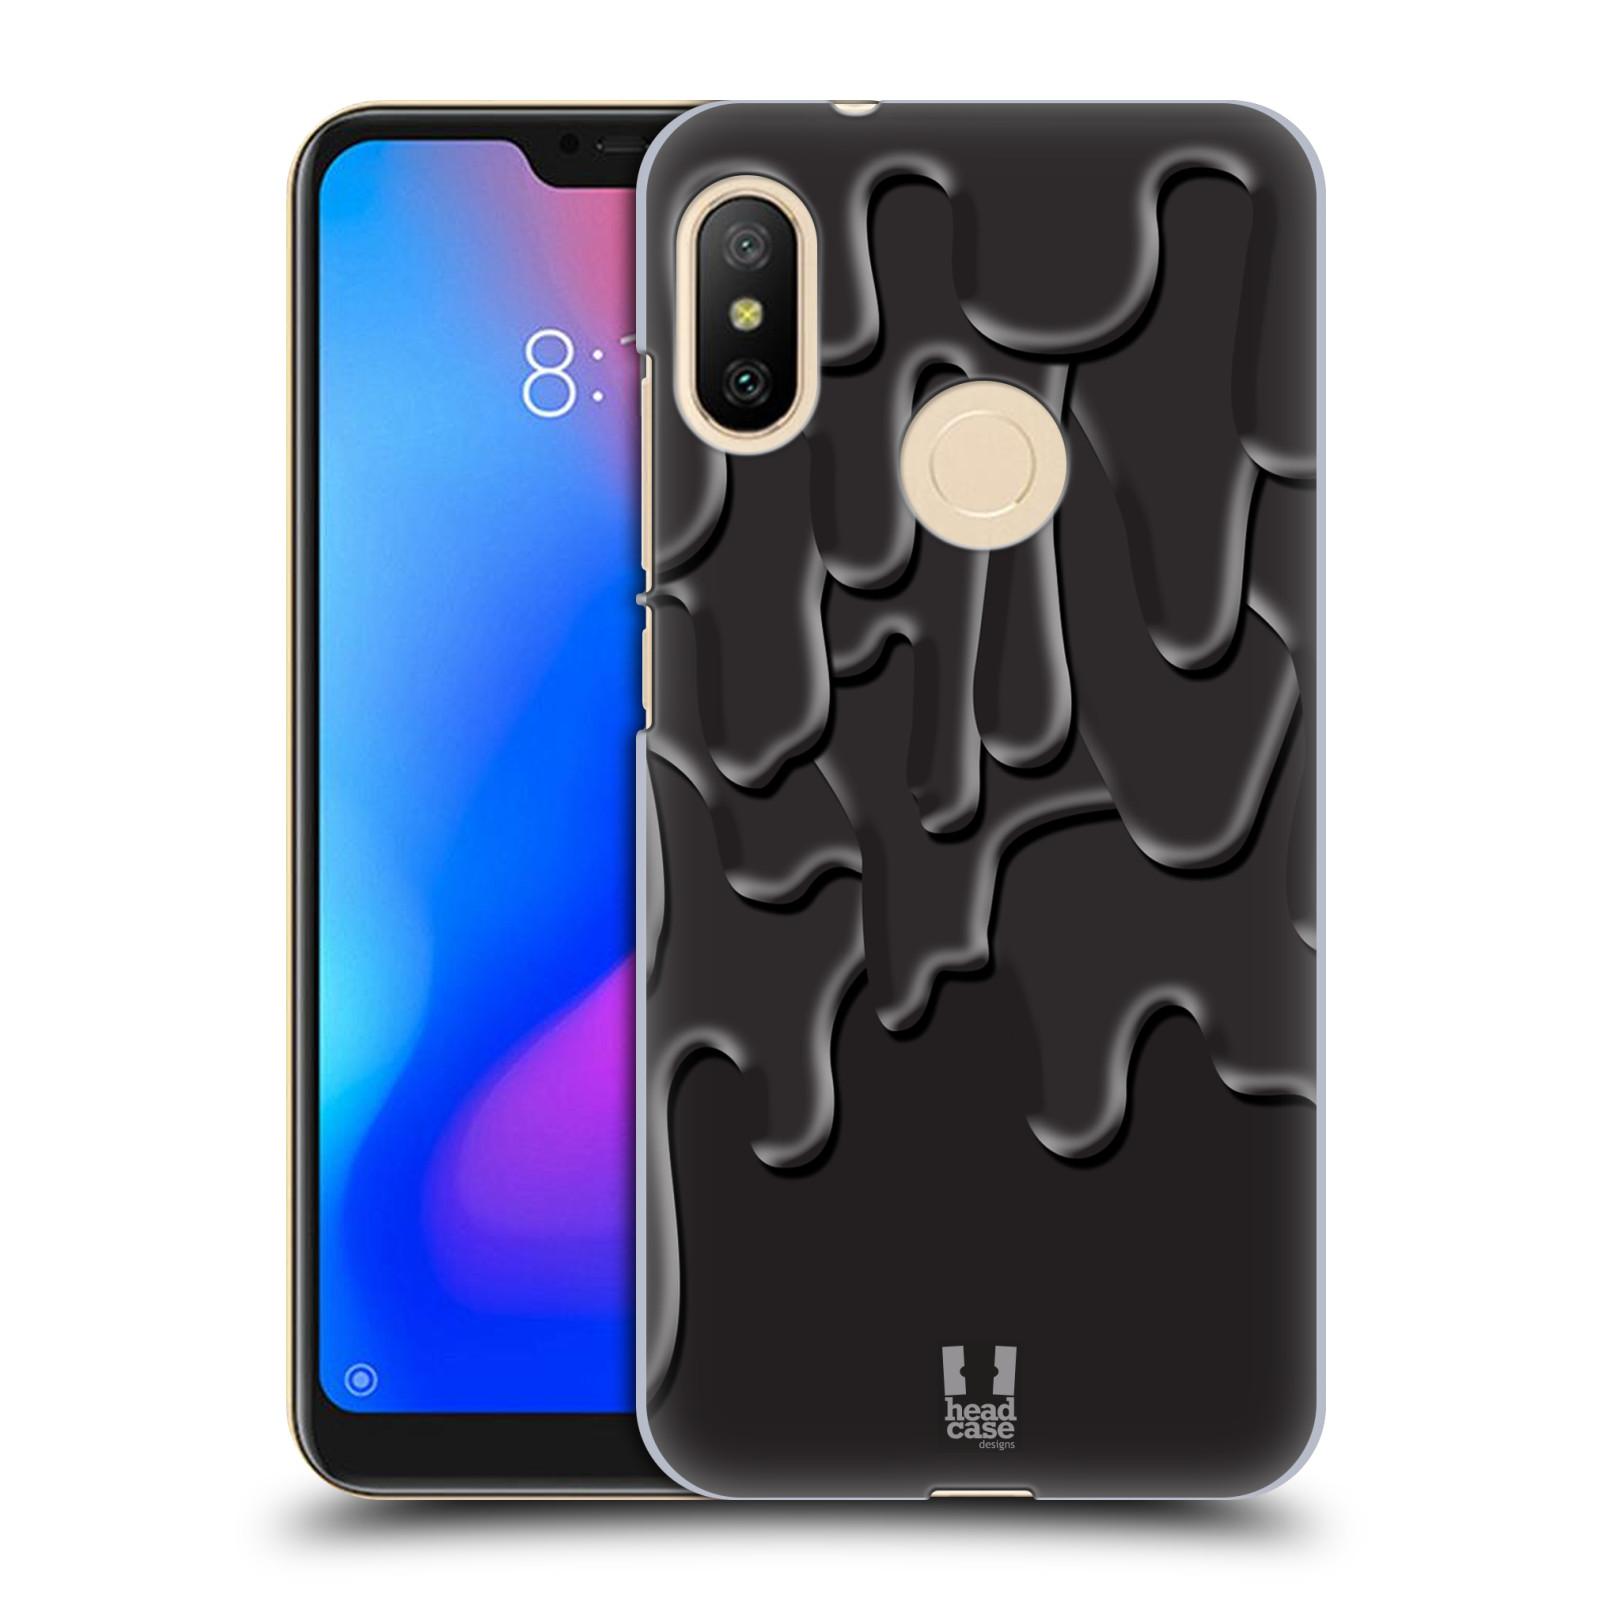 HEAD CASE plastový obal na mobil Xiaomi Mi A2 LITE vzor Barevná záplava ČERNÁ